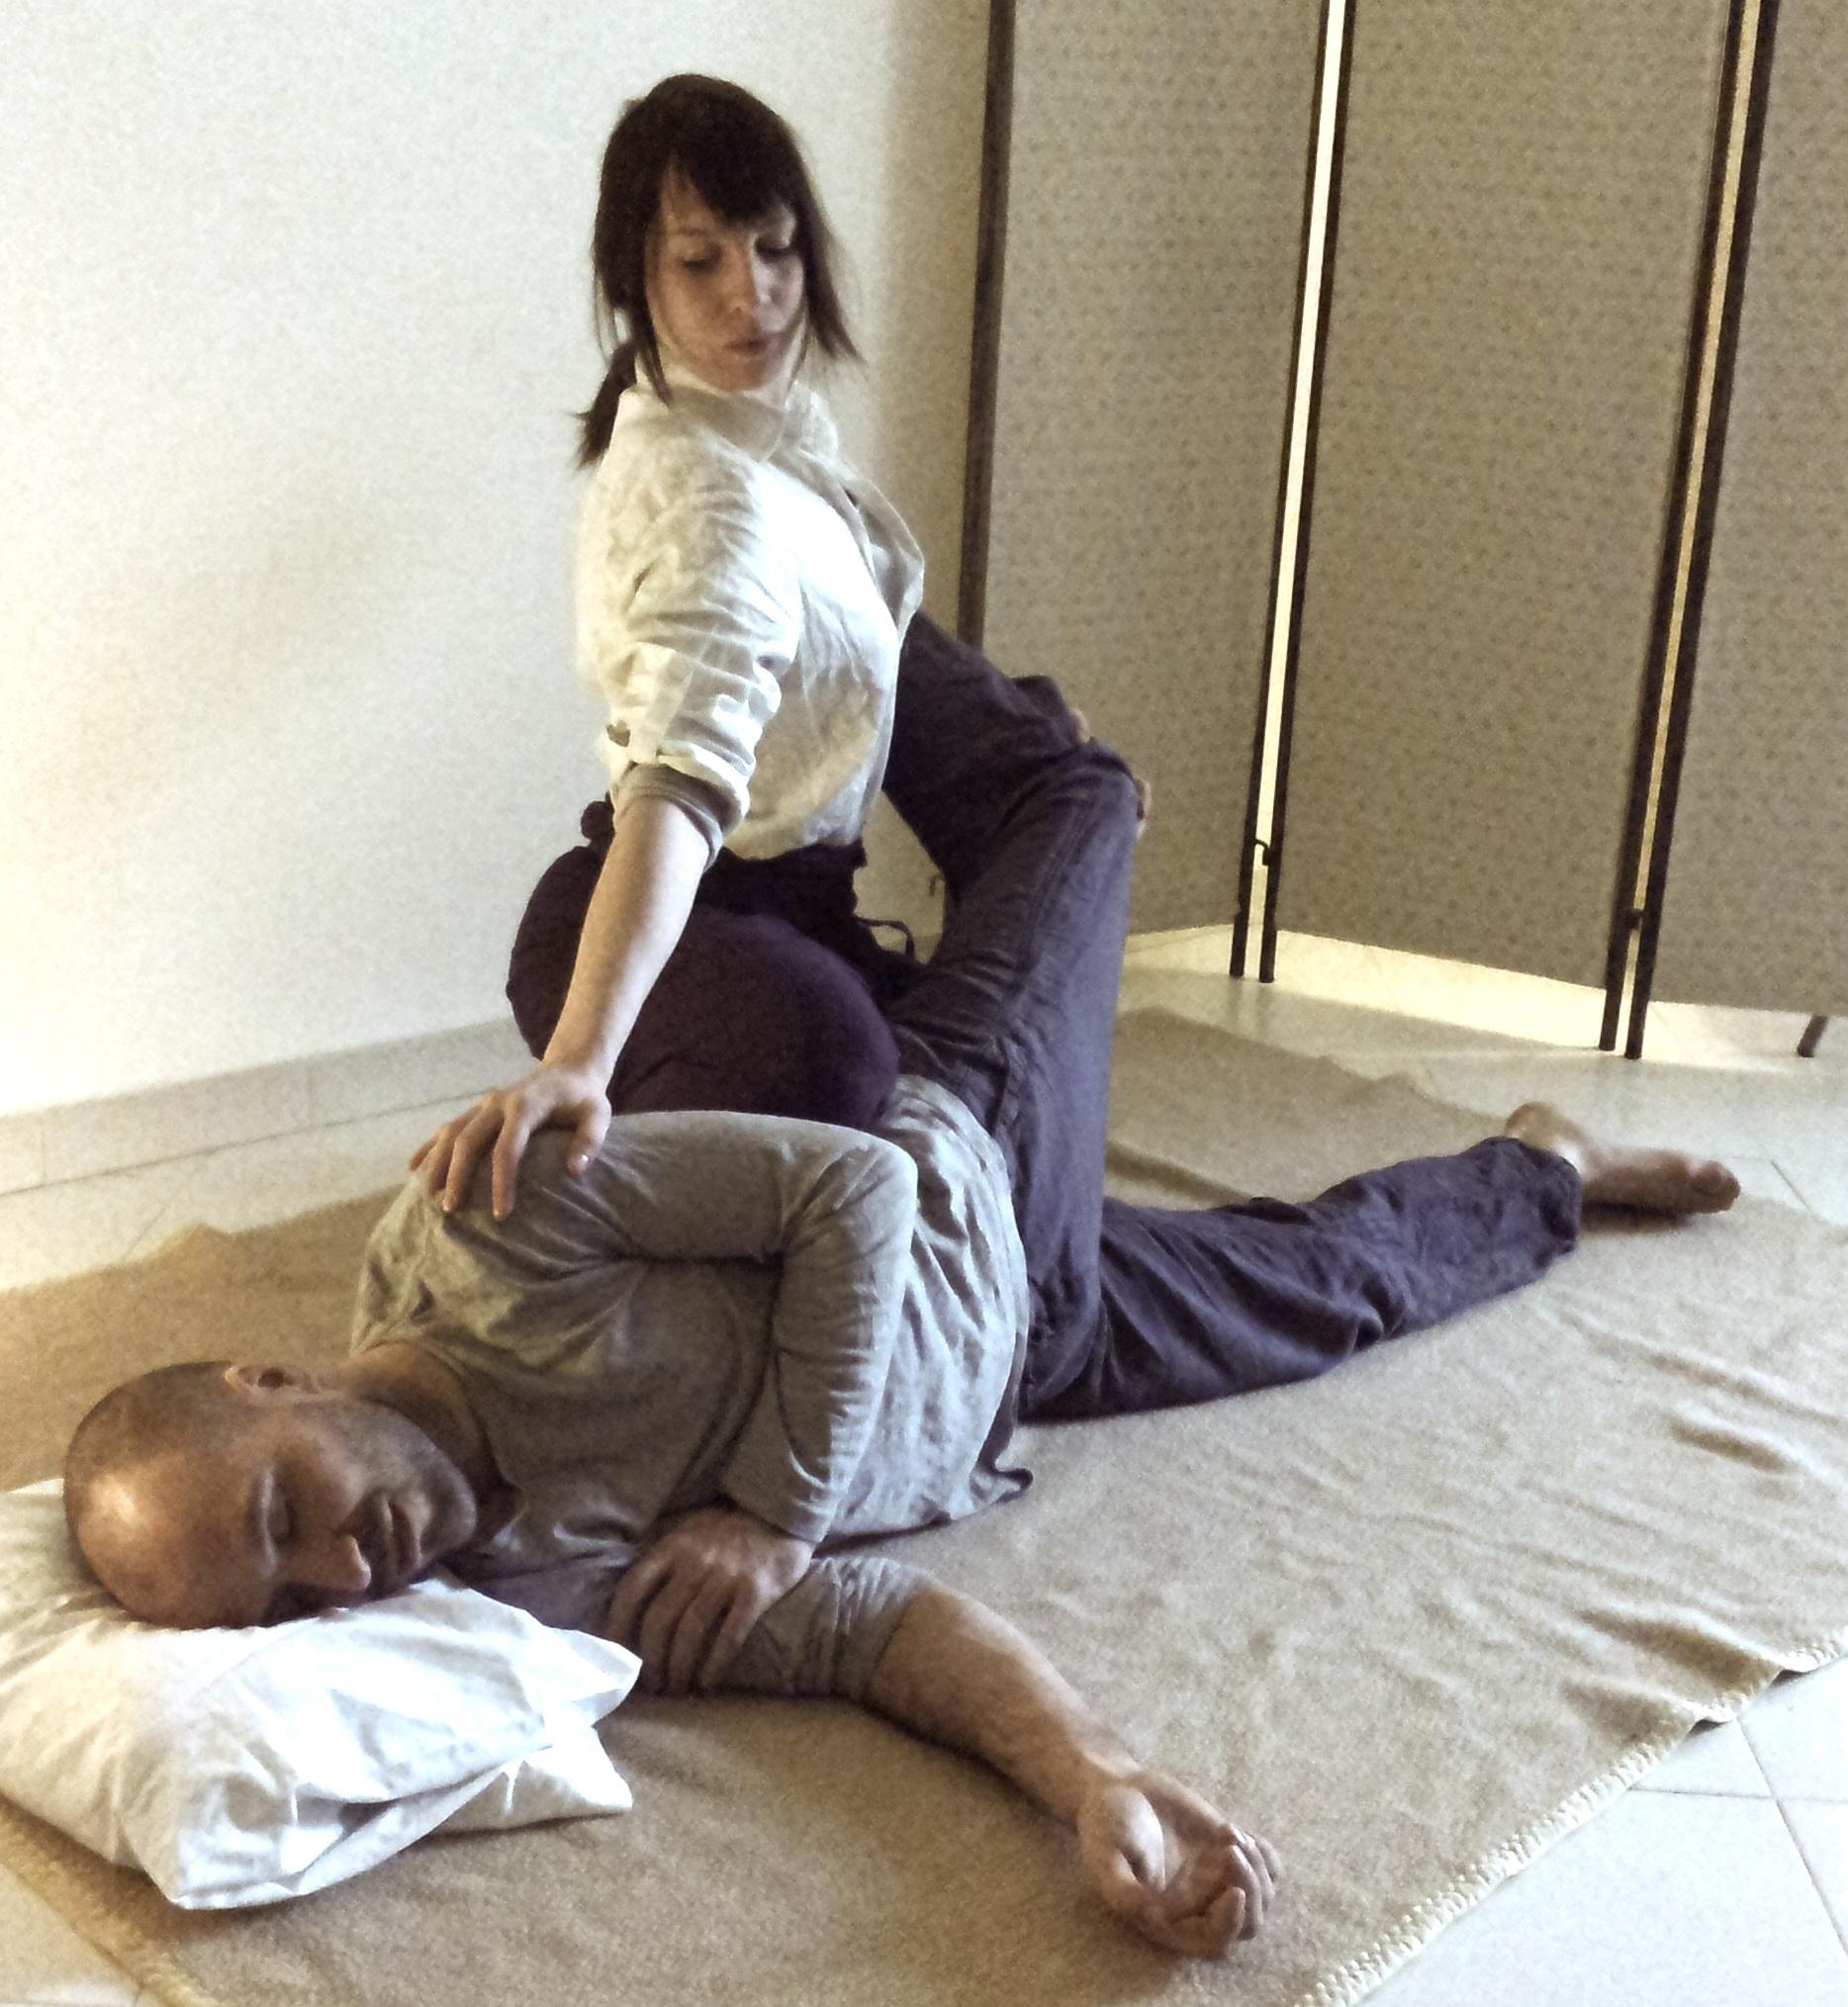 Thai Massage Marielle kleyn Winkel